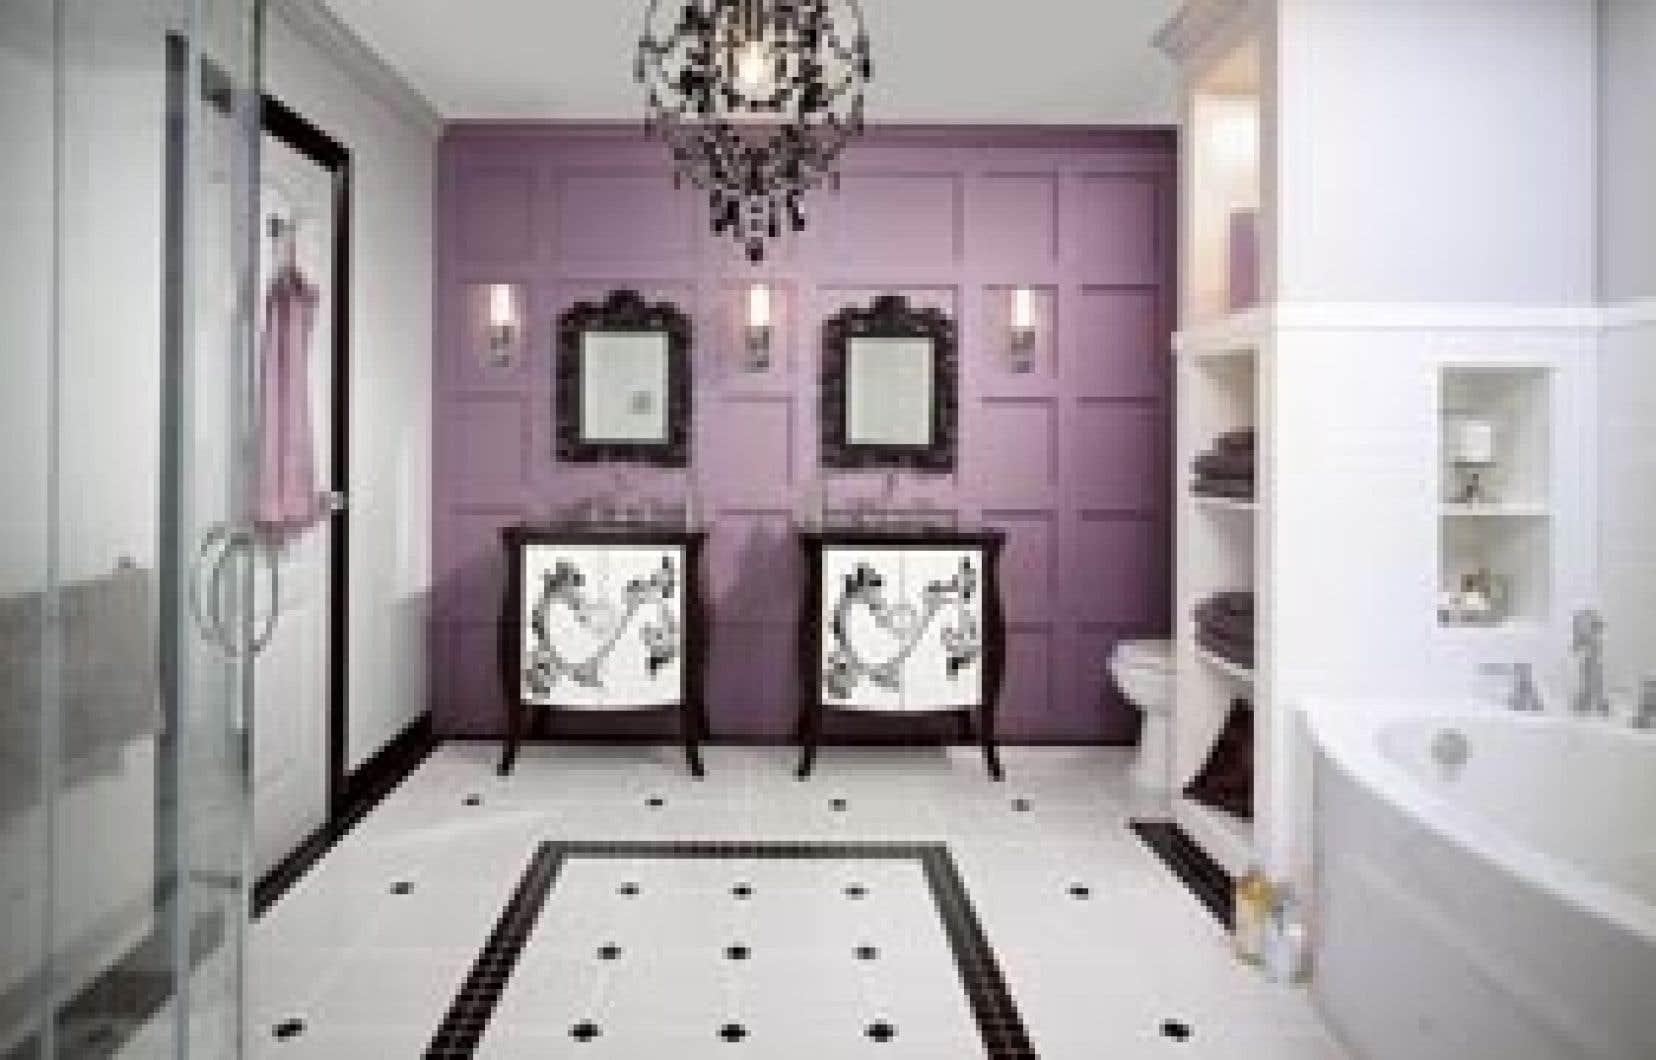 Une salle de bains de style Oasis. Les couleurs y sont douces, enveloppantes, et font appel à la nostalgie avec des éléments comme la broderie, les tapisseries fleuries et les lustres d'inspiration Versailles.